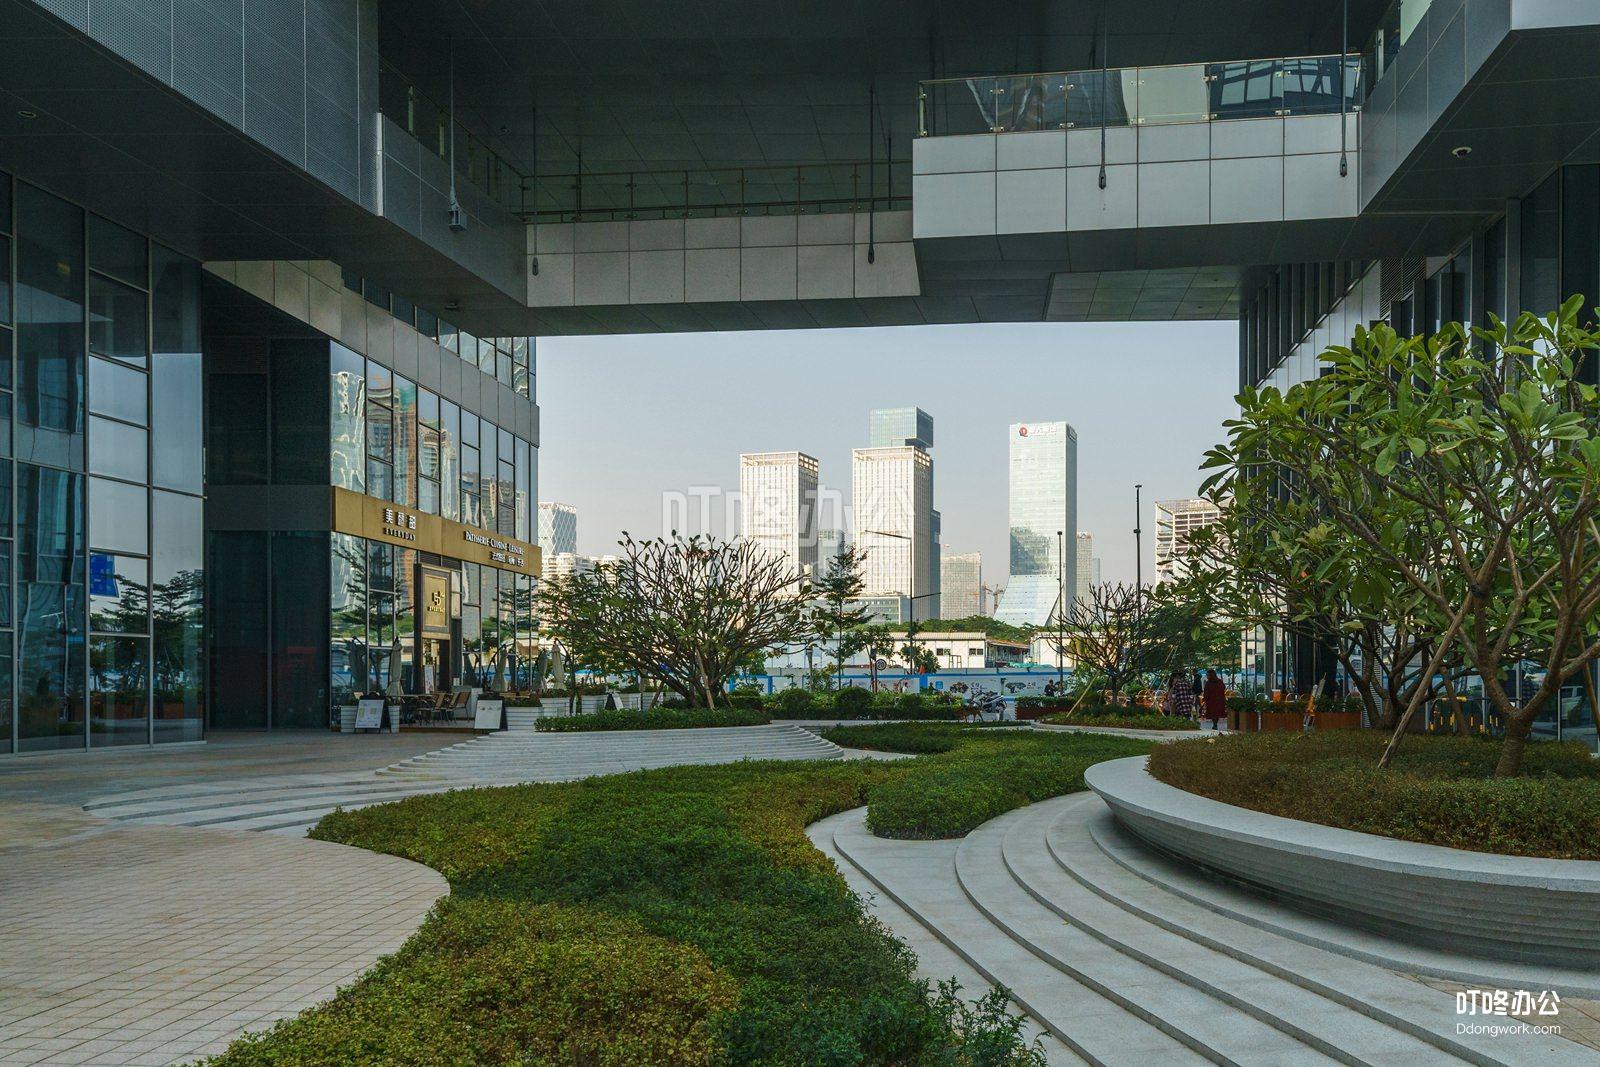 深圳阿里巴巴大厦•优客工场会议室